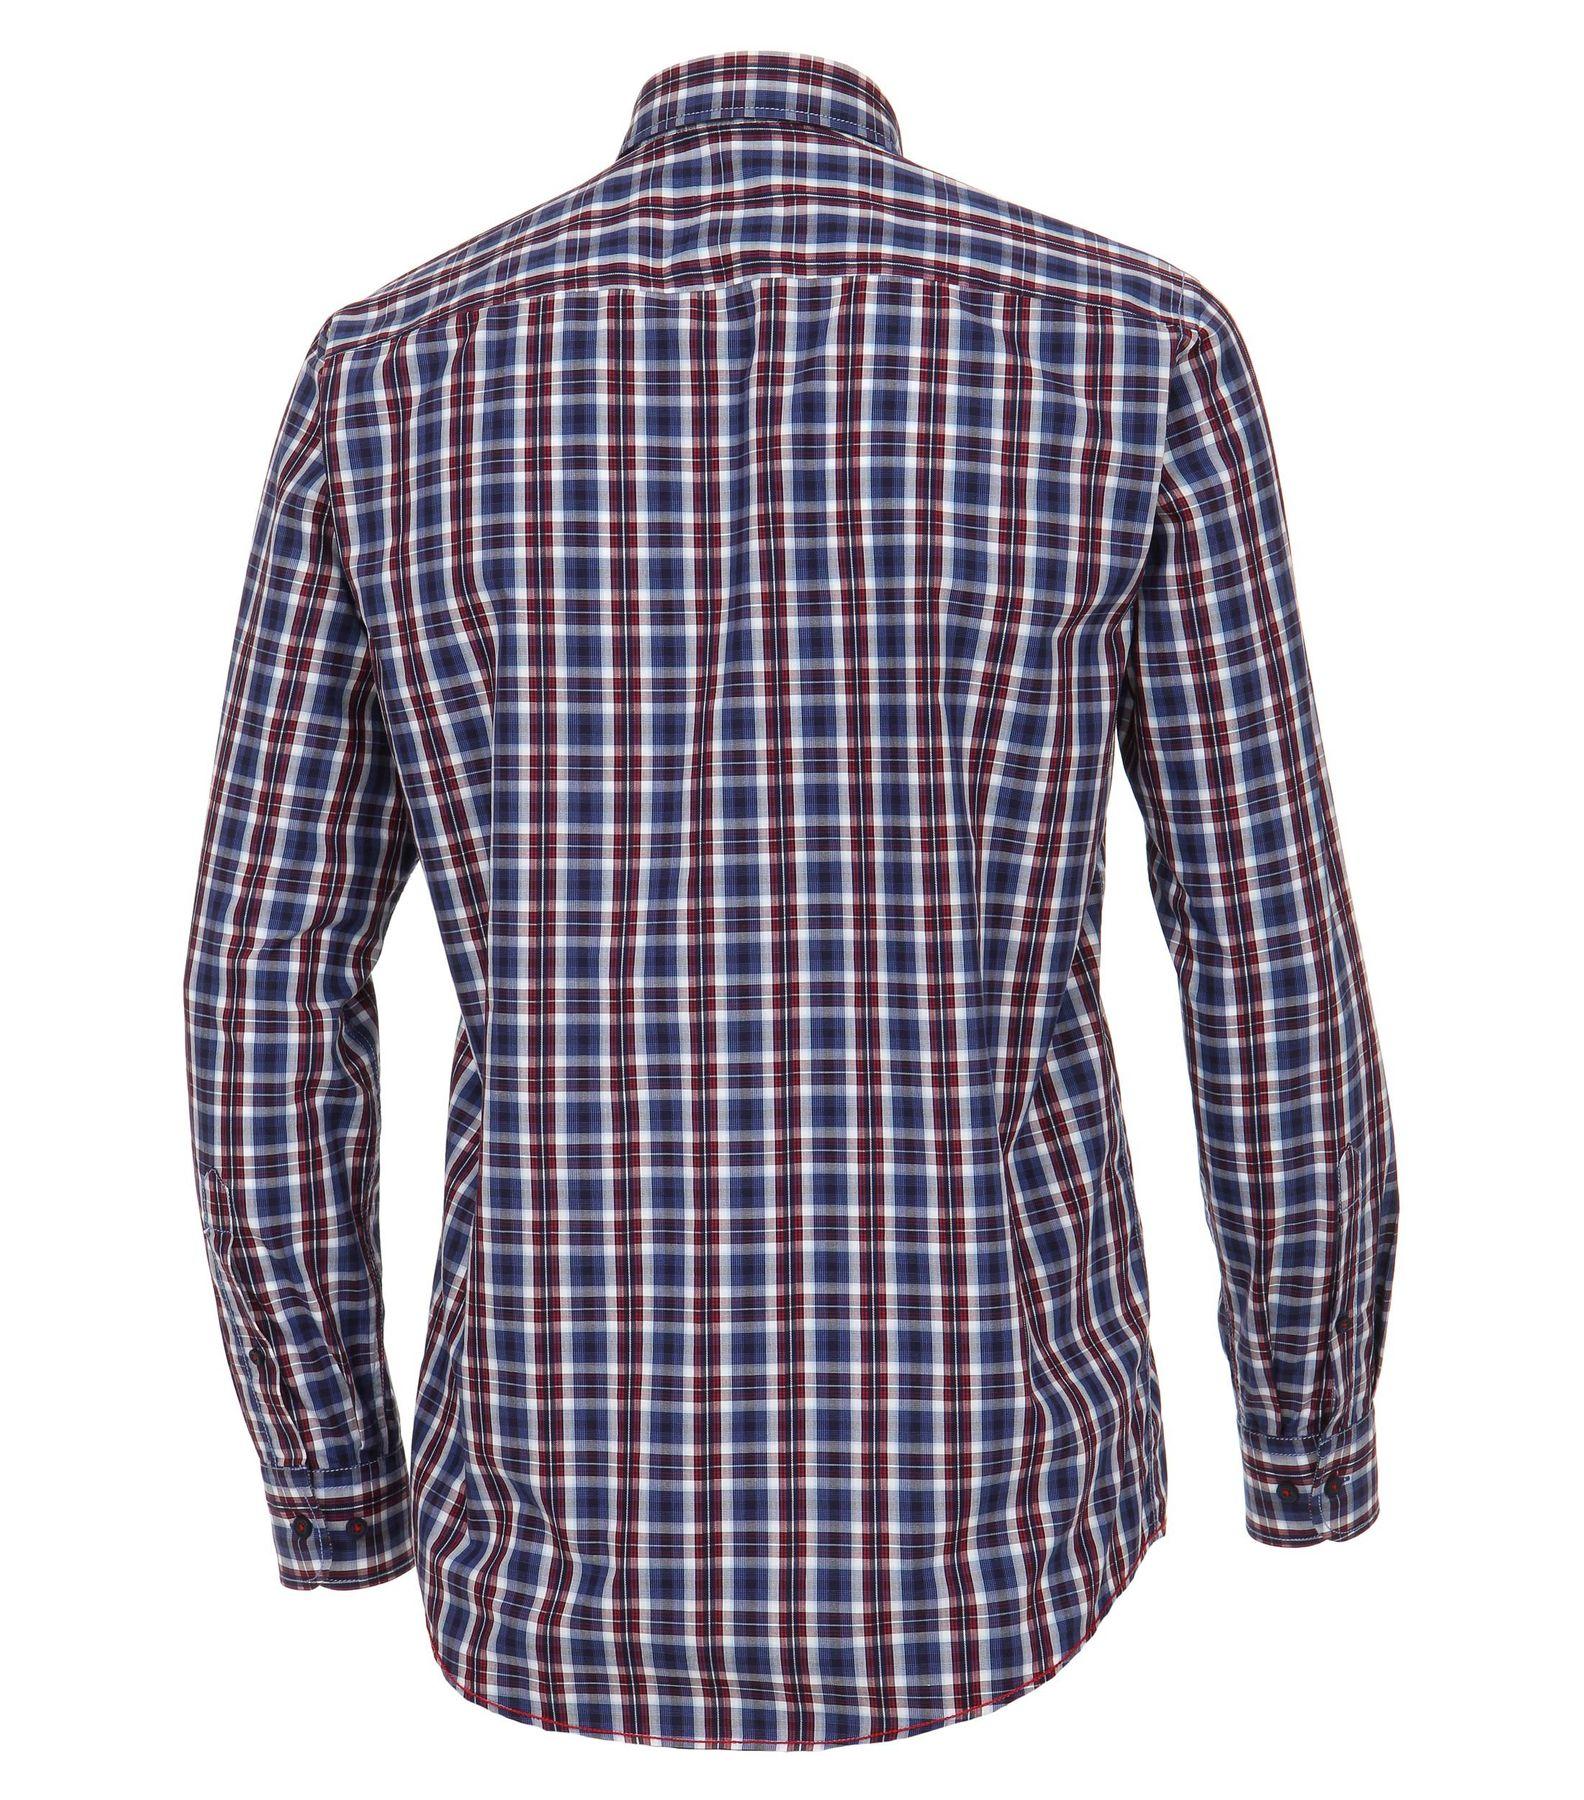 Casa Moda - Casual Fit - Dobby Herren Hemd kariert mit Button Down-Kragen in Blau (472802400A) – Bild 2